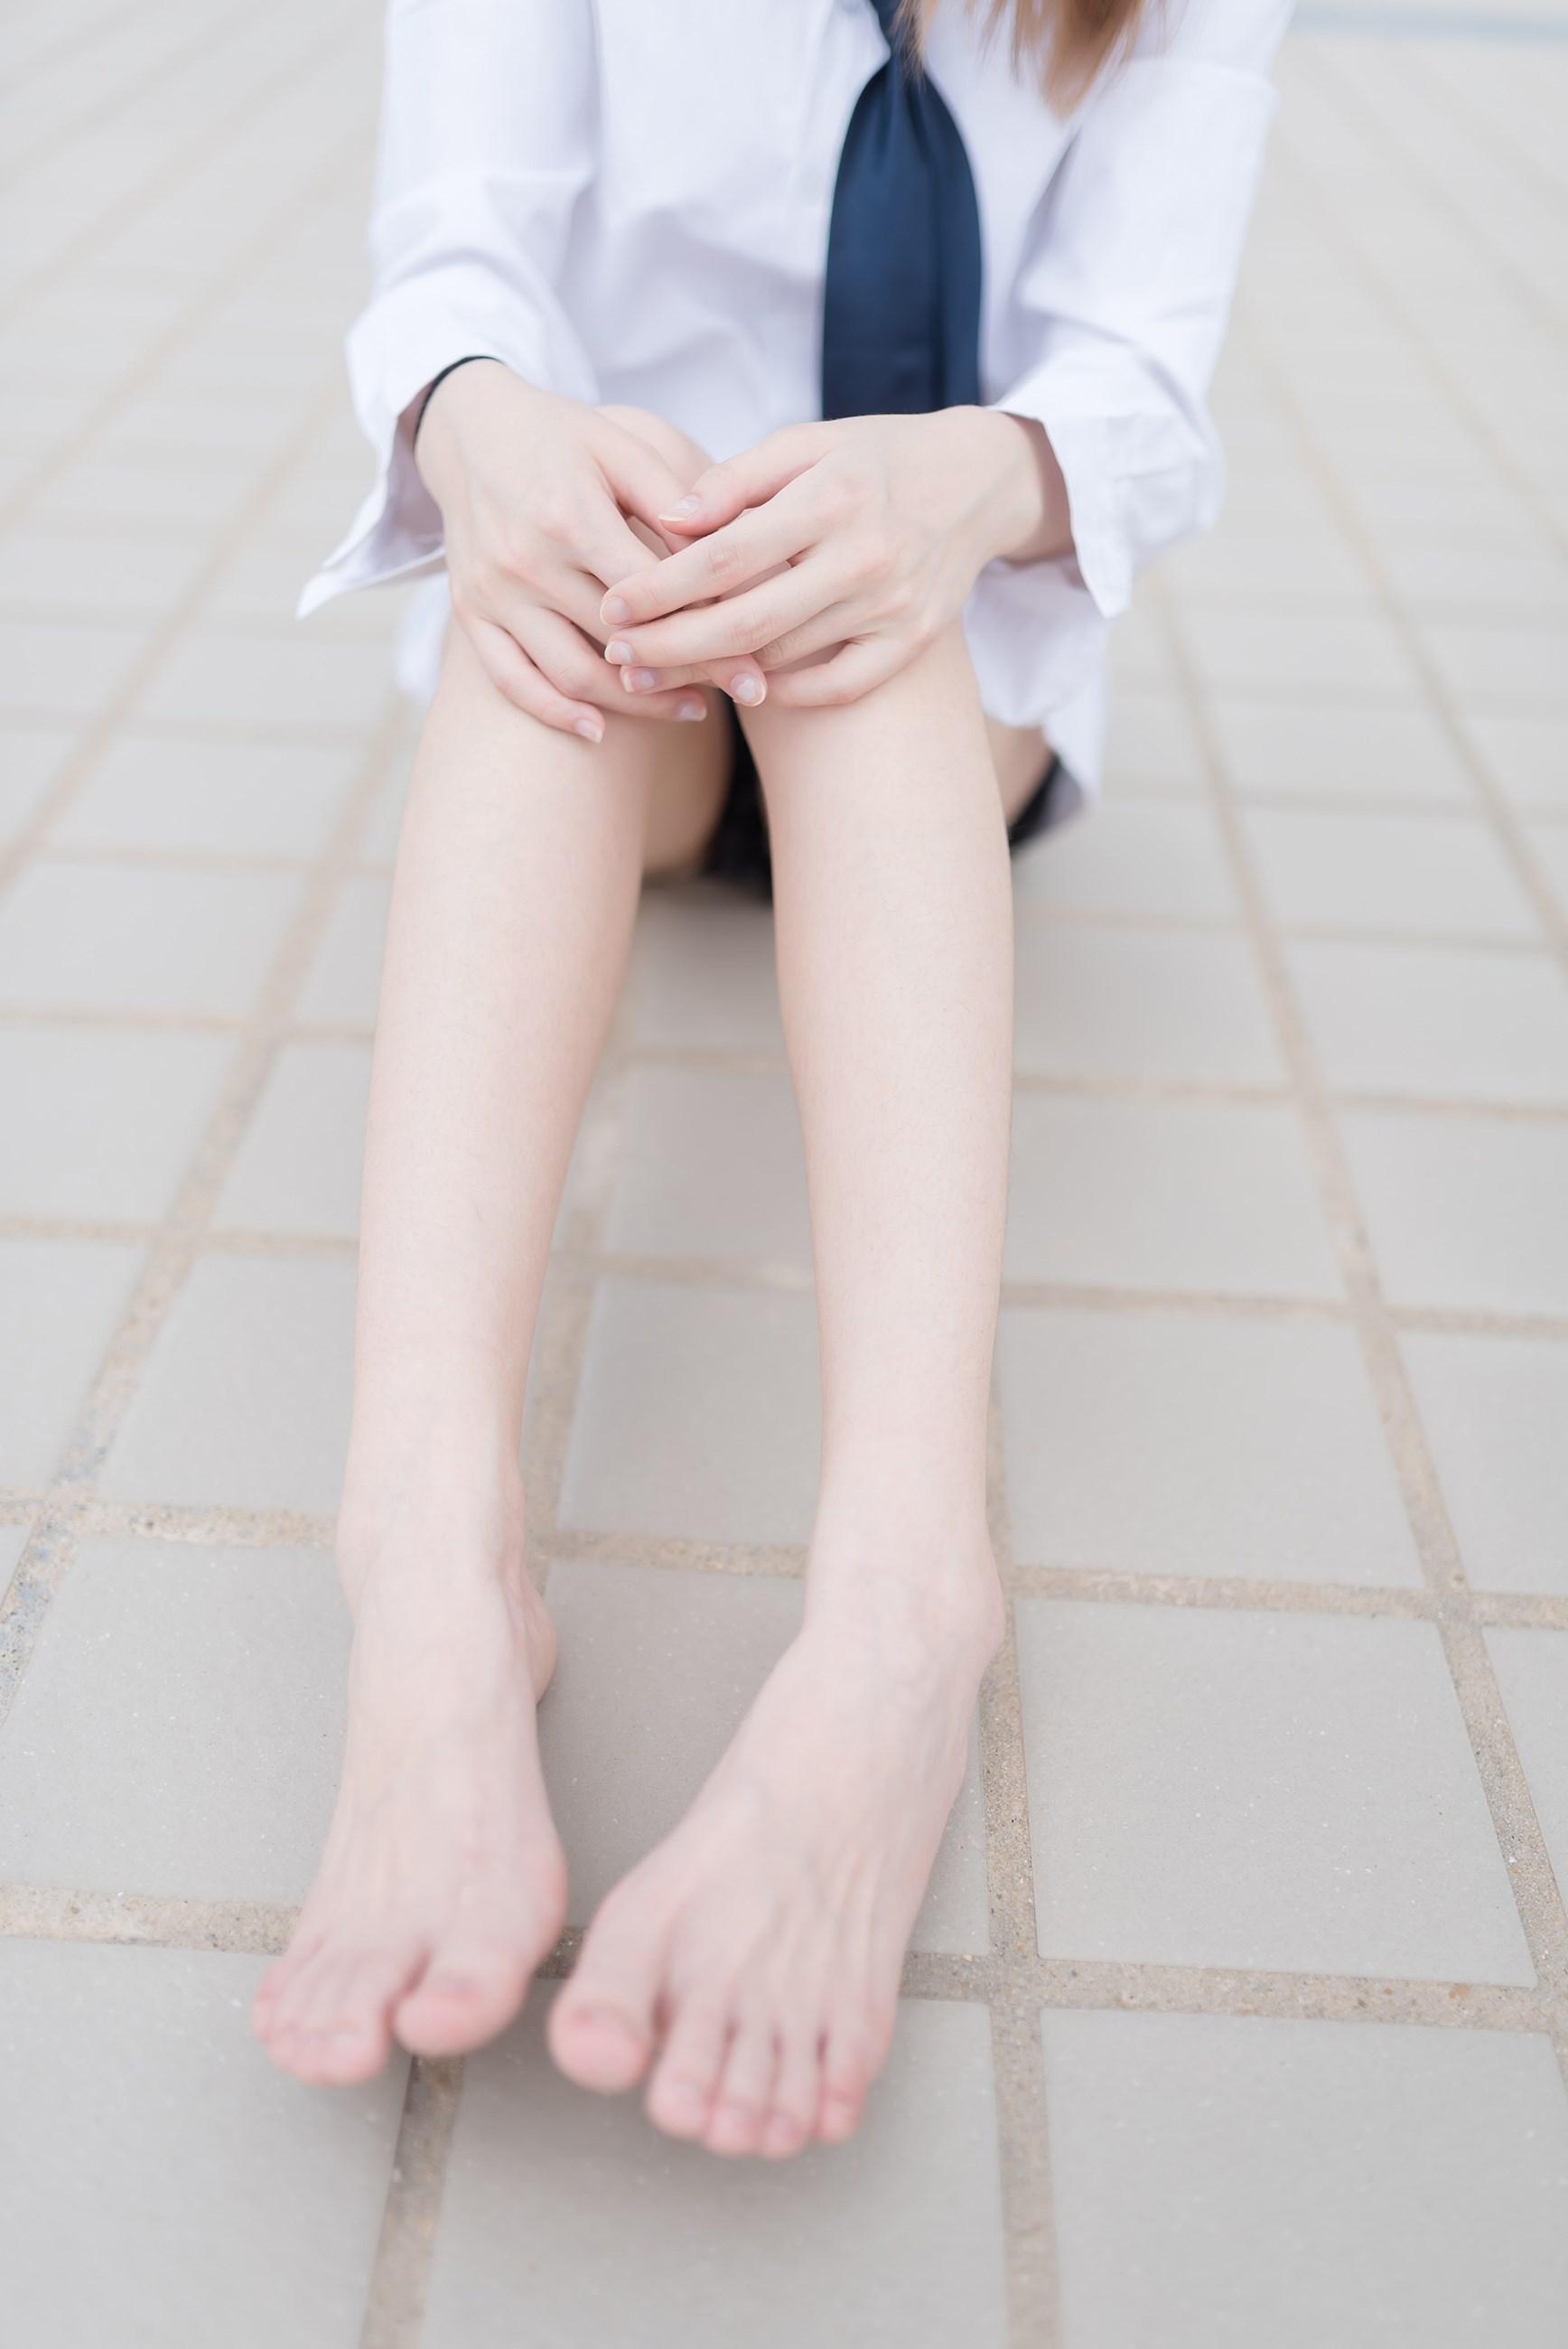 【兔玩映画】裸脚白衬衫 · 足控福利 兔玩映画 第24张